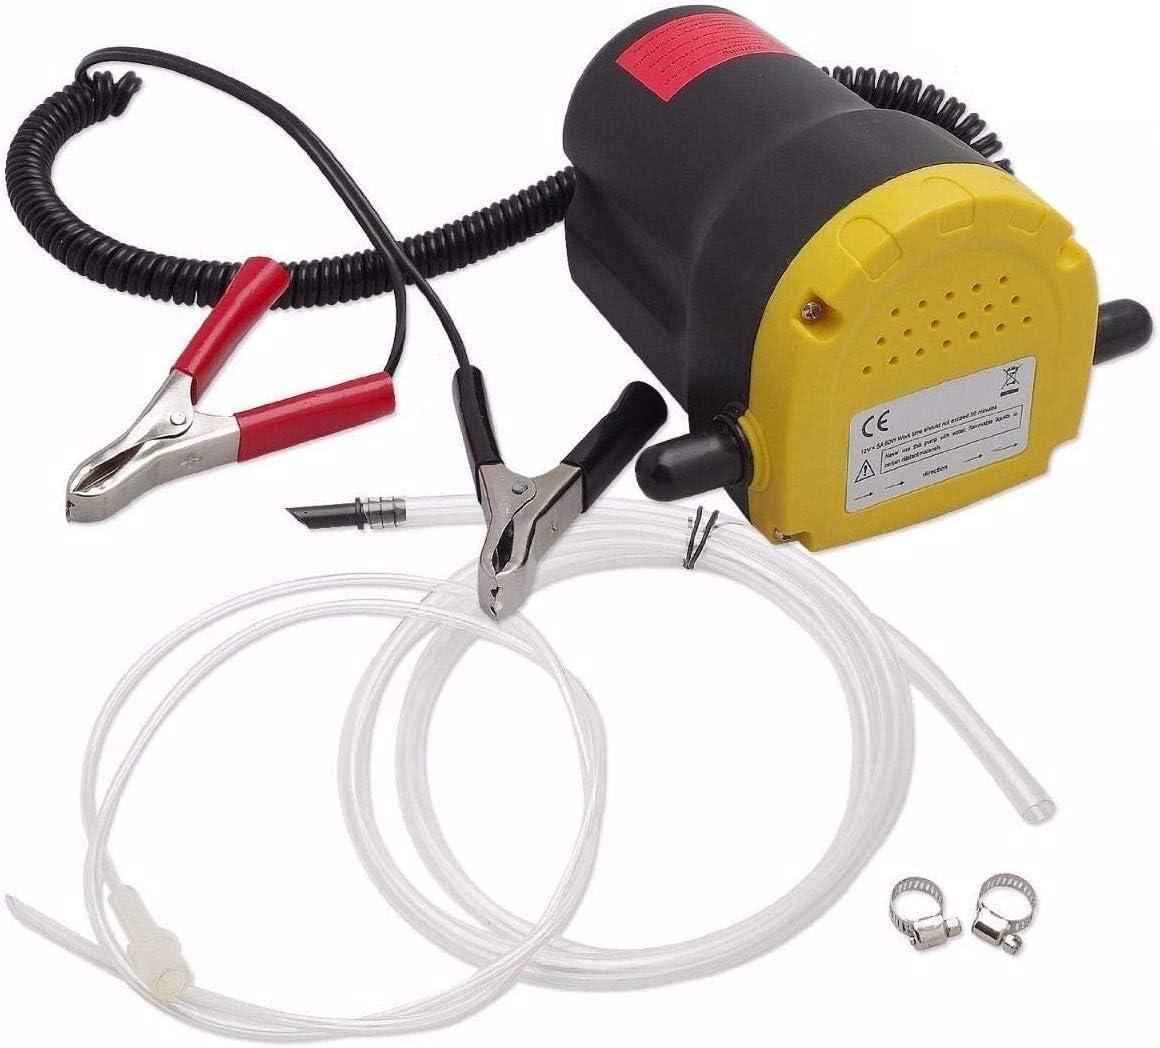 Poweka Bomba de Extracción de Aceite Bomba de Aceite de Aspiración para Automóviles/Motocicletas/Barcos/Caravanas/Camiones, Bomba de Transferencia Aceite y Diesel 5A 12V